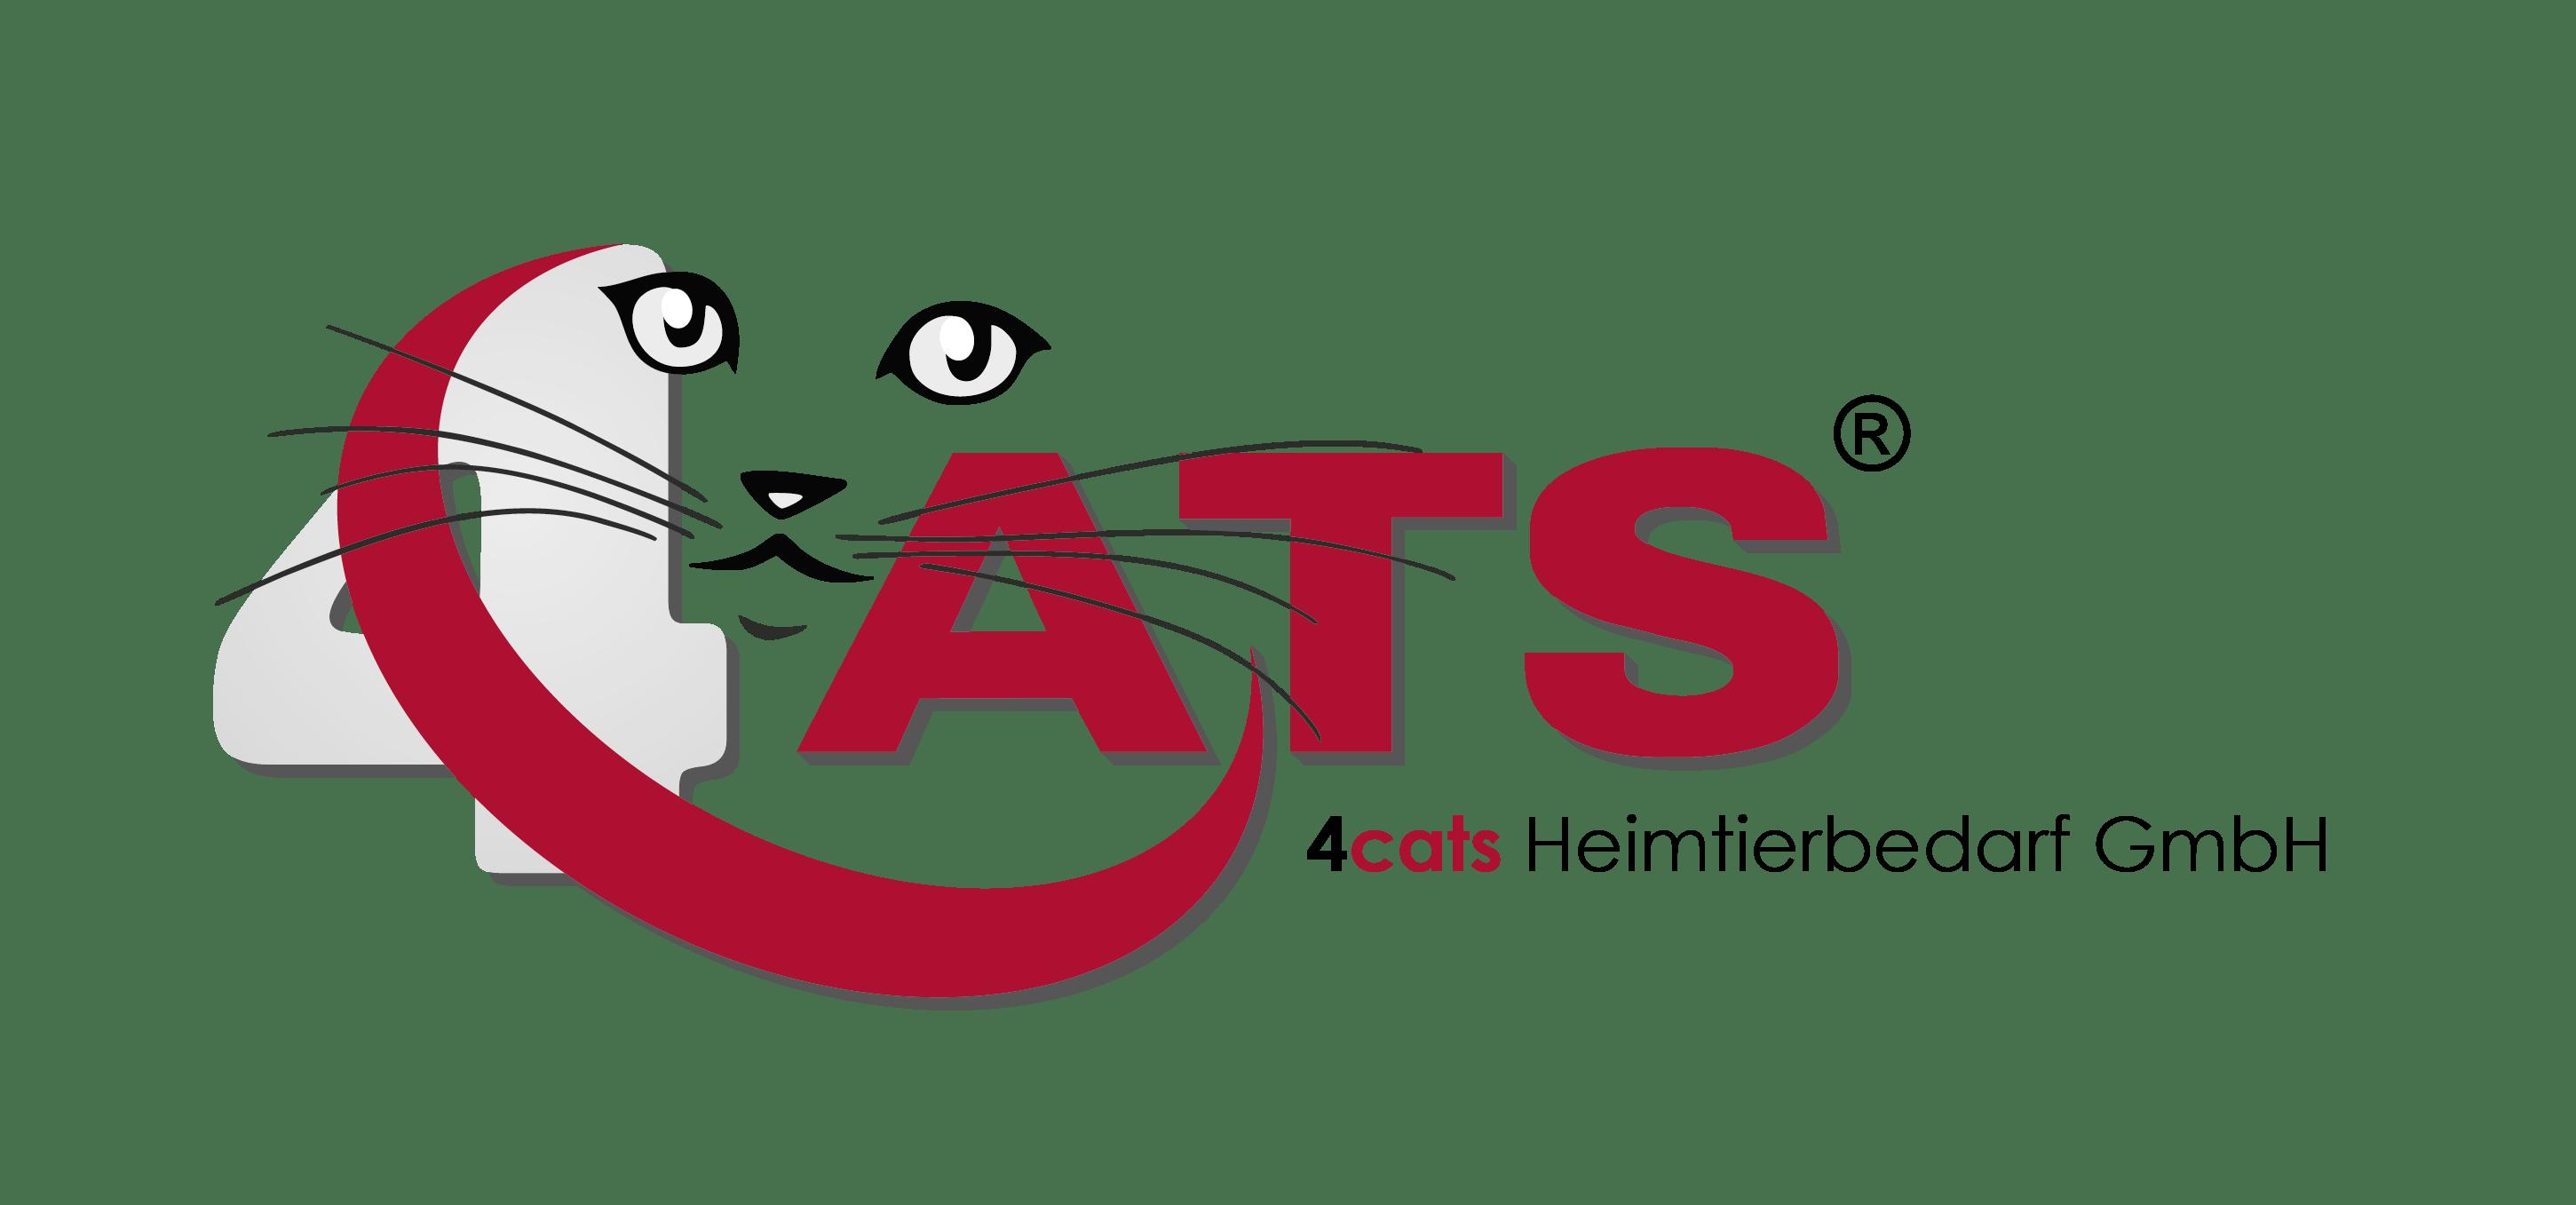 4cats Heimtierbedarf GmbH B2B Shop Portal